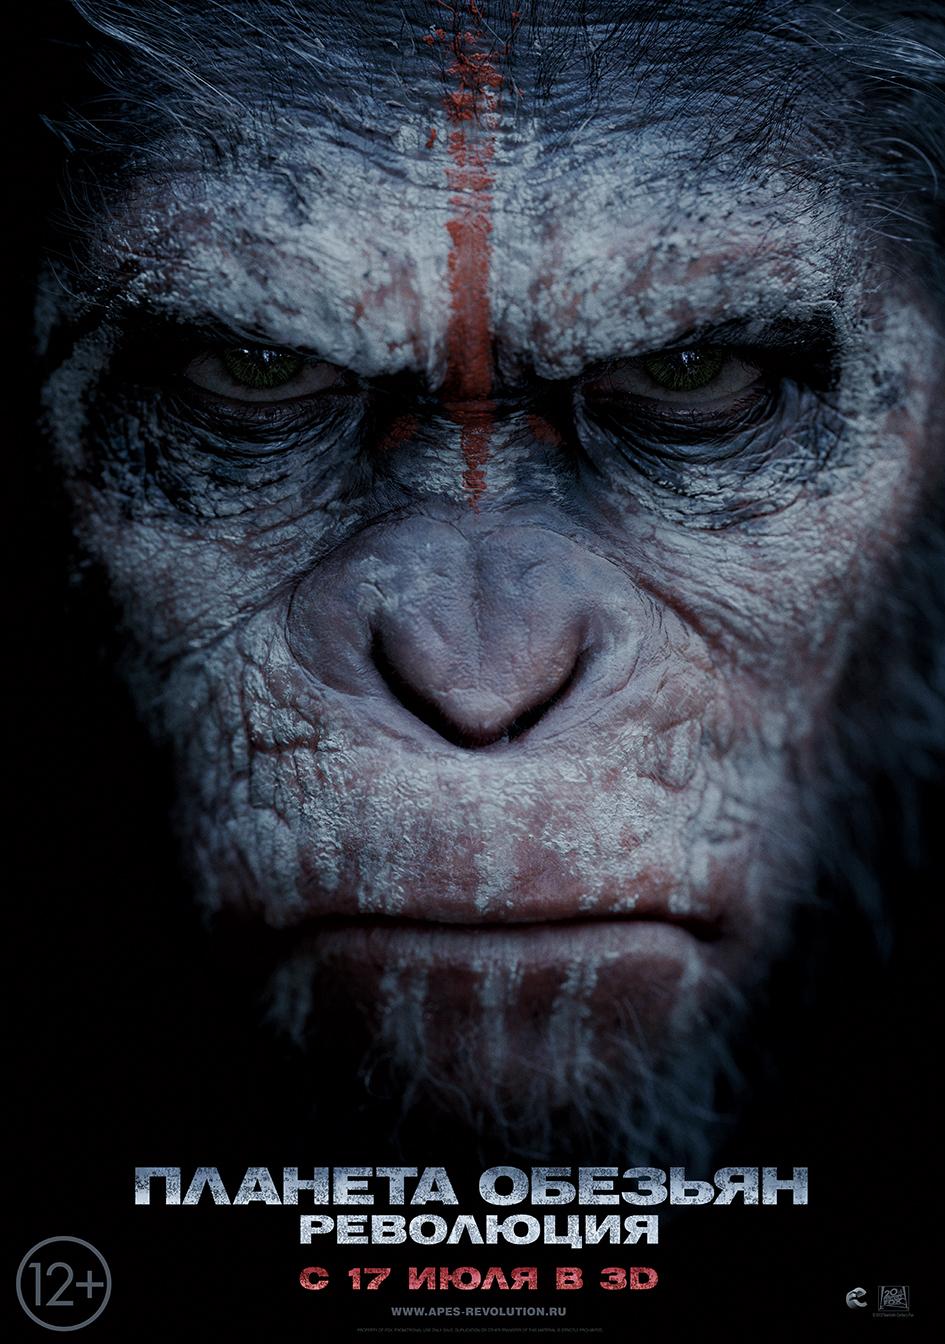 В каких кинотеатрах казани посмотреть фильм планета обезьян революция